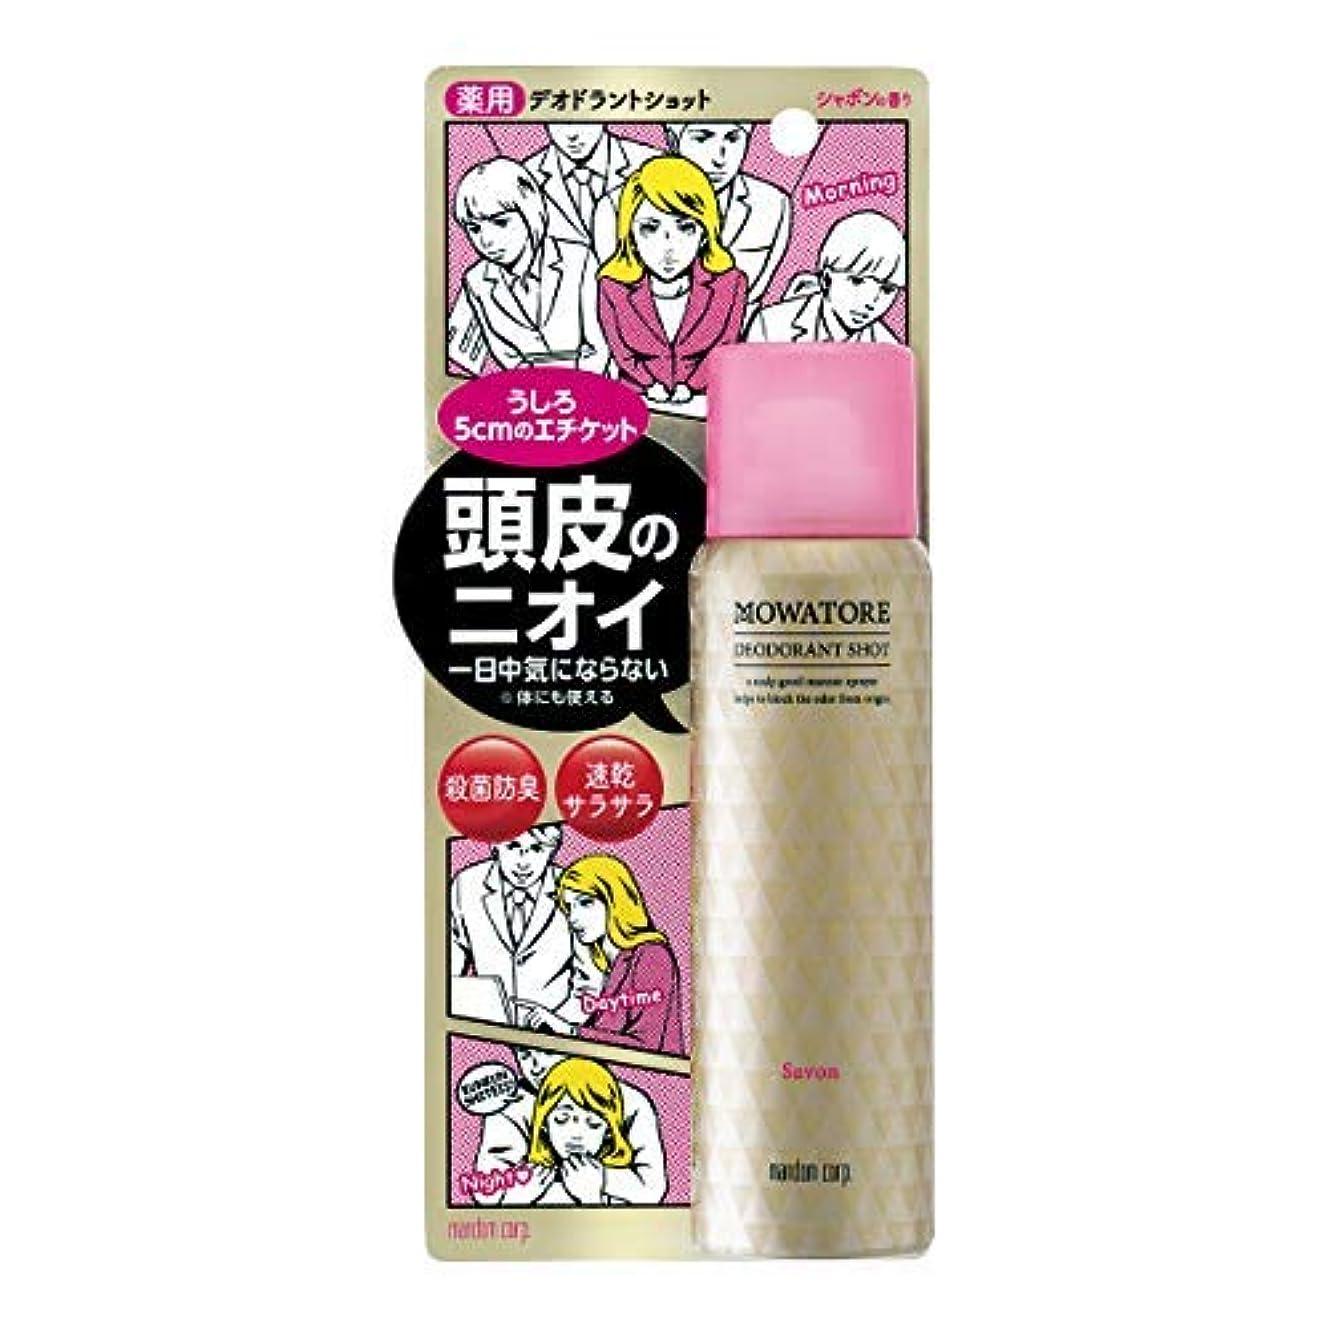 委任する甘い案件モワトレ 薬用デオドラントショット シャボン (医薬部外品) × 3個セット